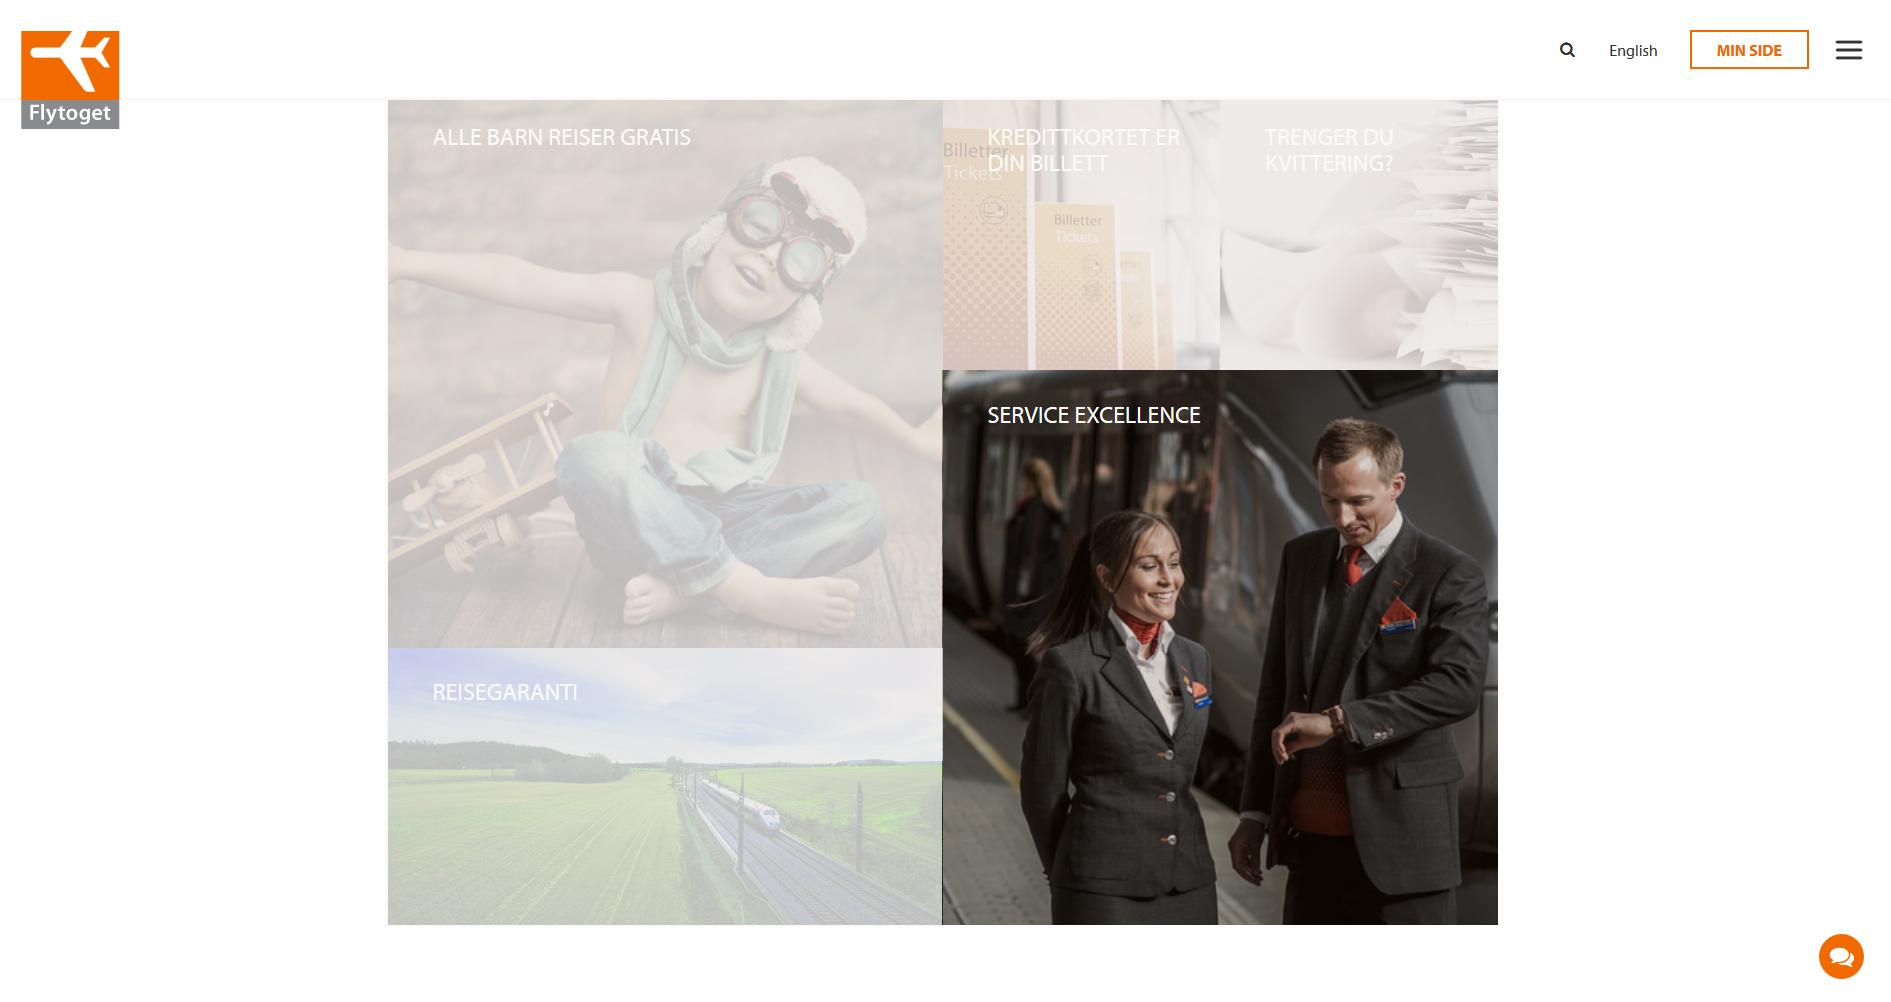 Illustration image on Flytoget.no web-site